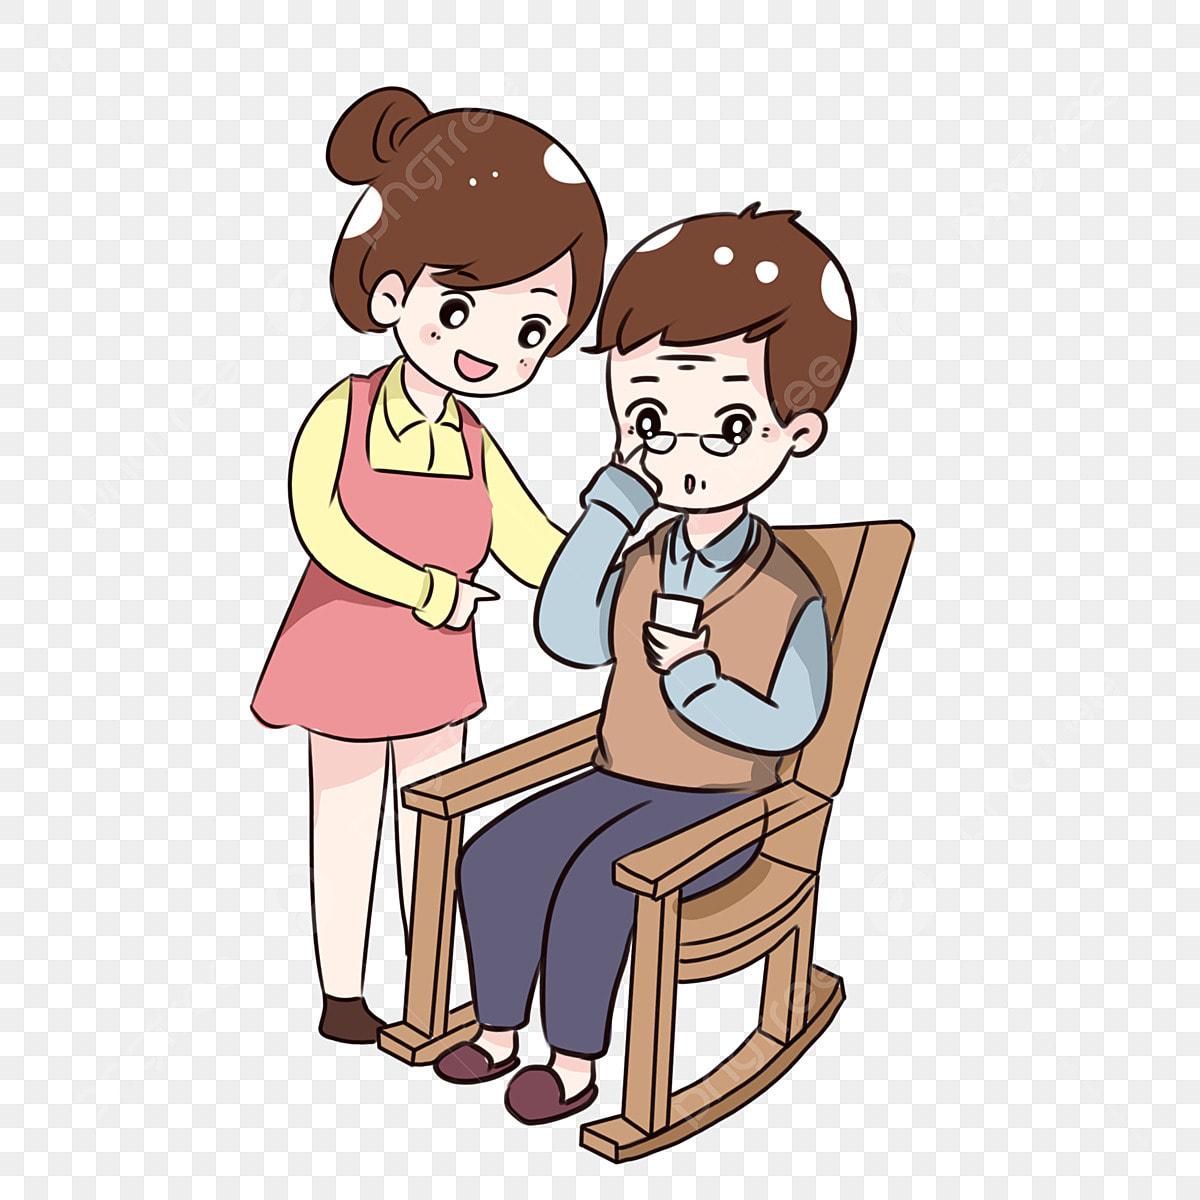 Gambar Tangan Ditarik Kartun Anak Perempuan Yang Mengajar Ayah Guna Telefon Bimbit Bakti Hari Bapa Mengajar Bapa Tua Untuk Menggunakan Telefon Bimbit Cute Q Versi Corak Hiasan Bapa Hari Png Dan Psd